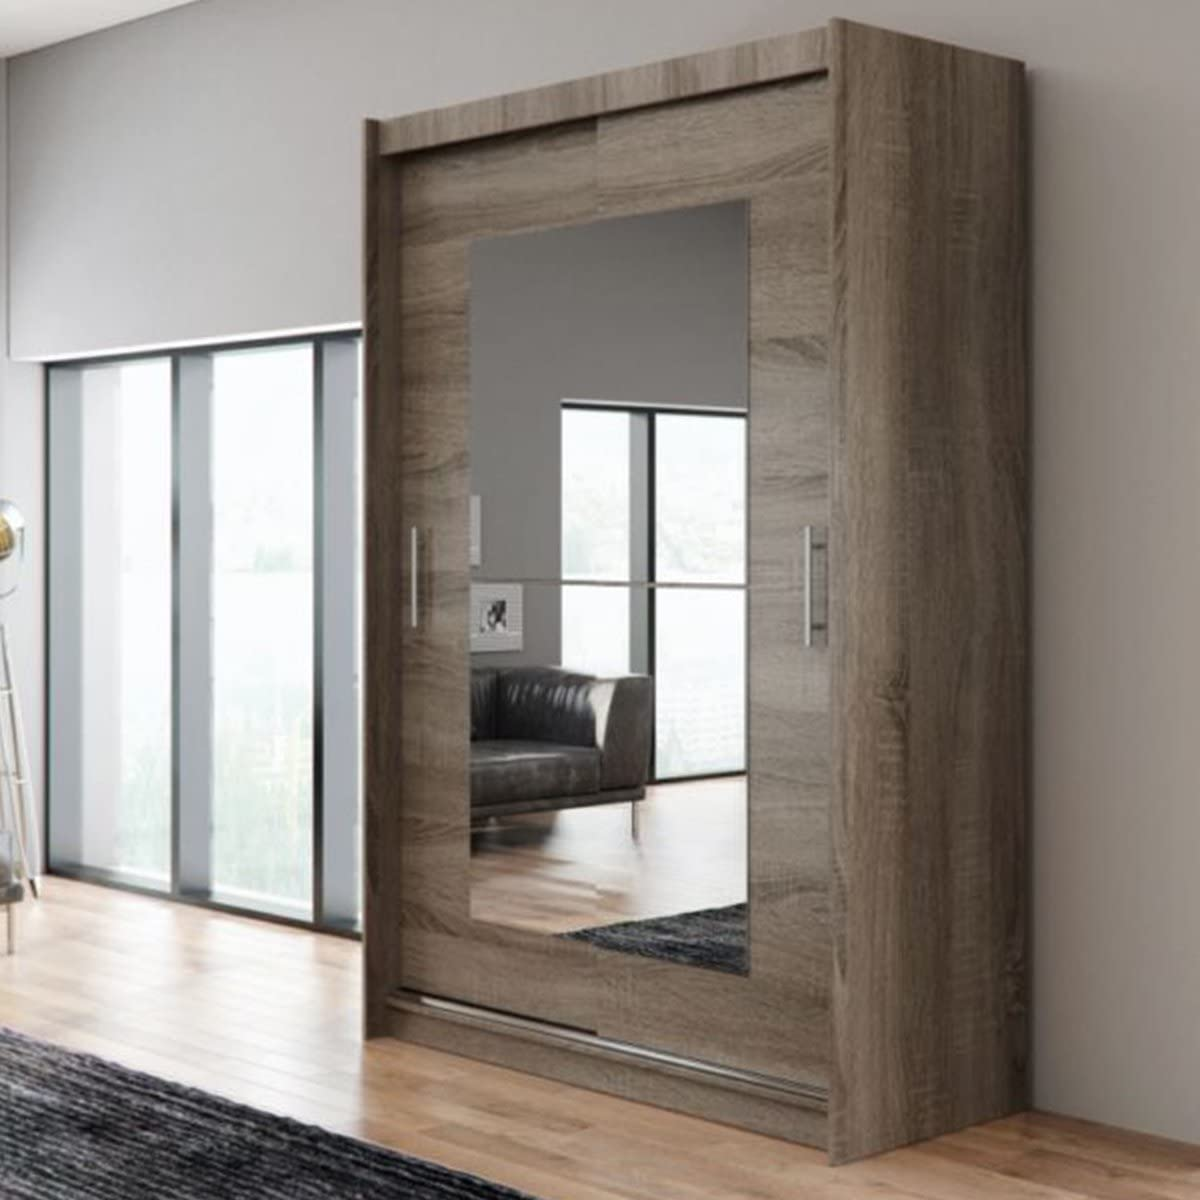 Nuevo moderno armario Ava 12 dormitorio espejo puertas correderas ...